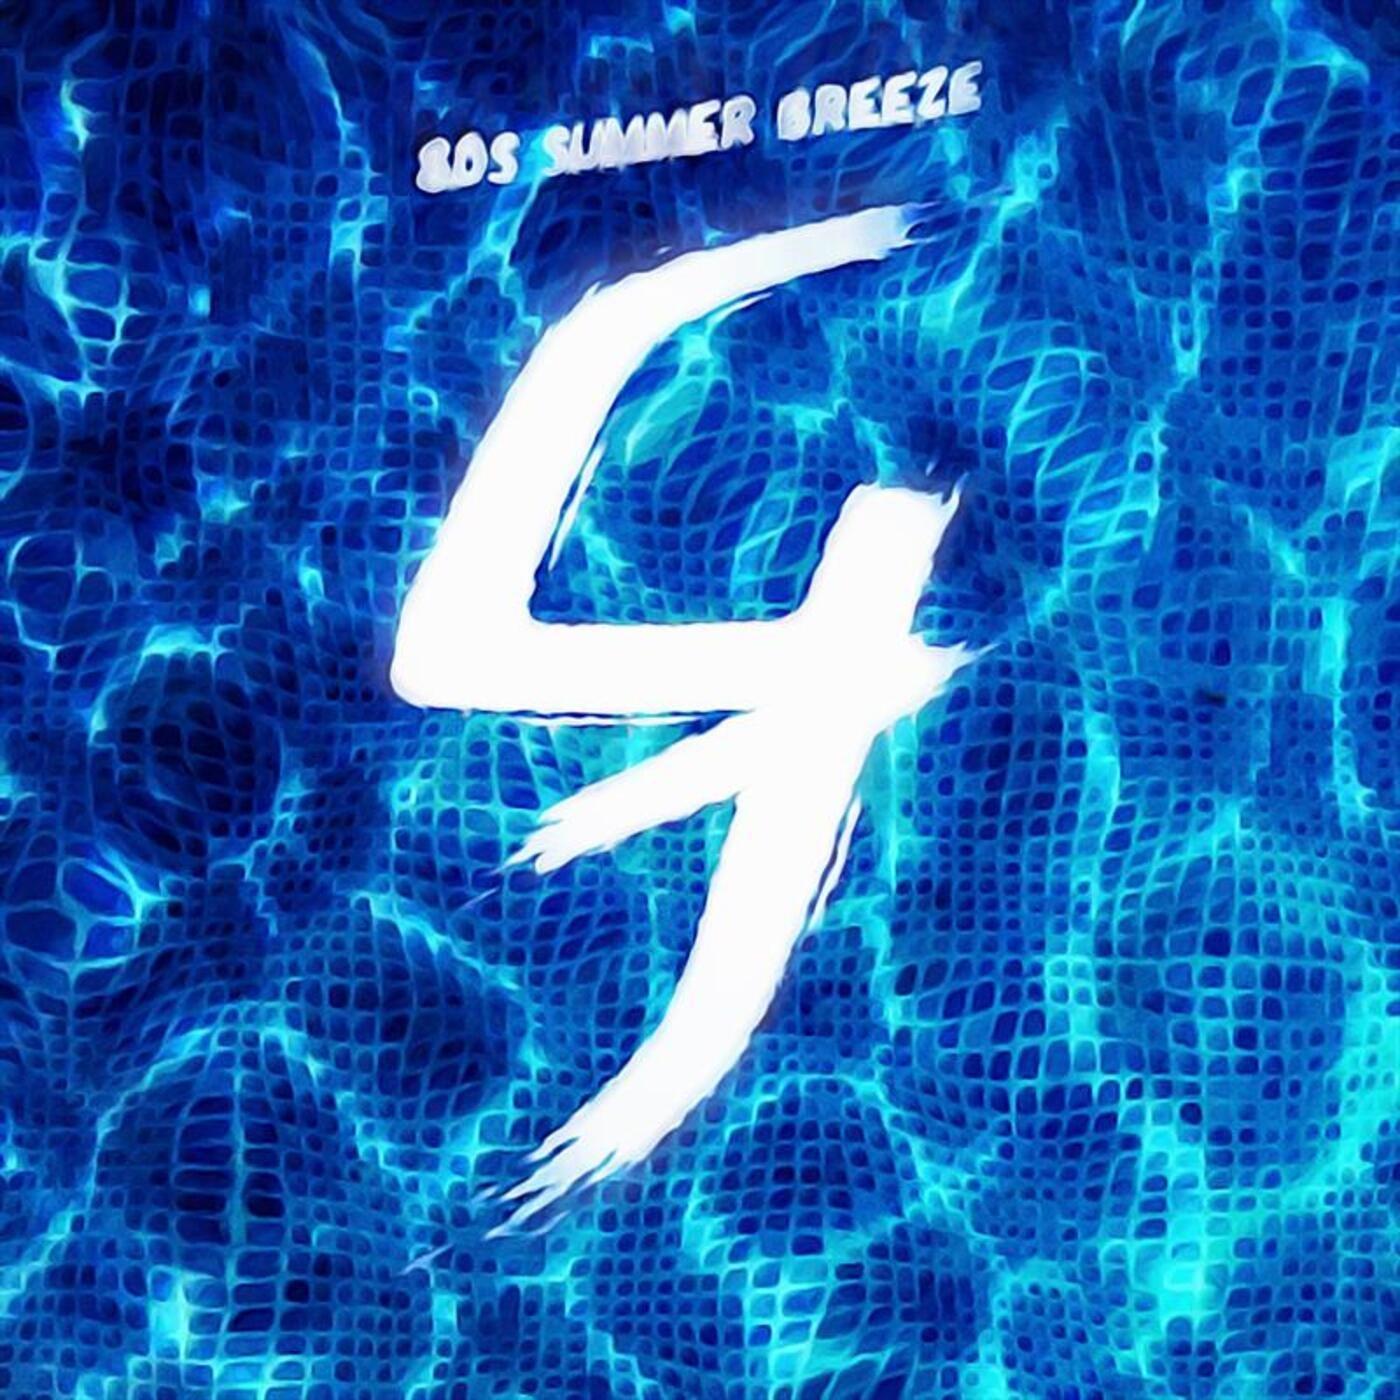 80s Summer Breeze (Original Mix)